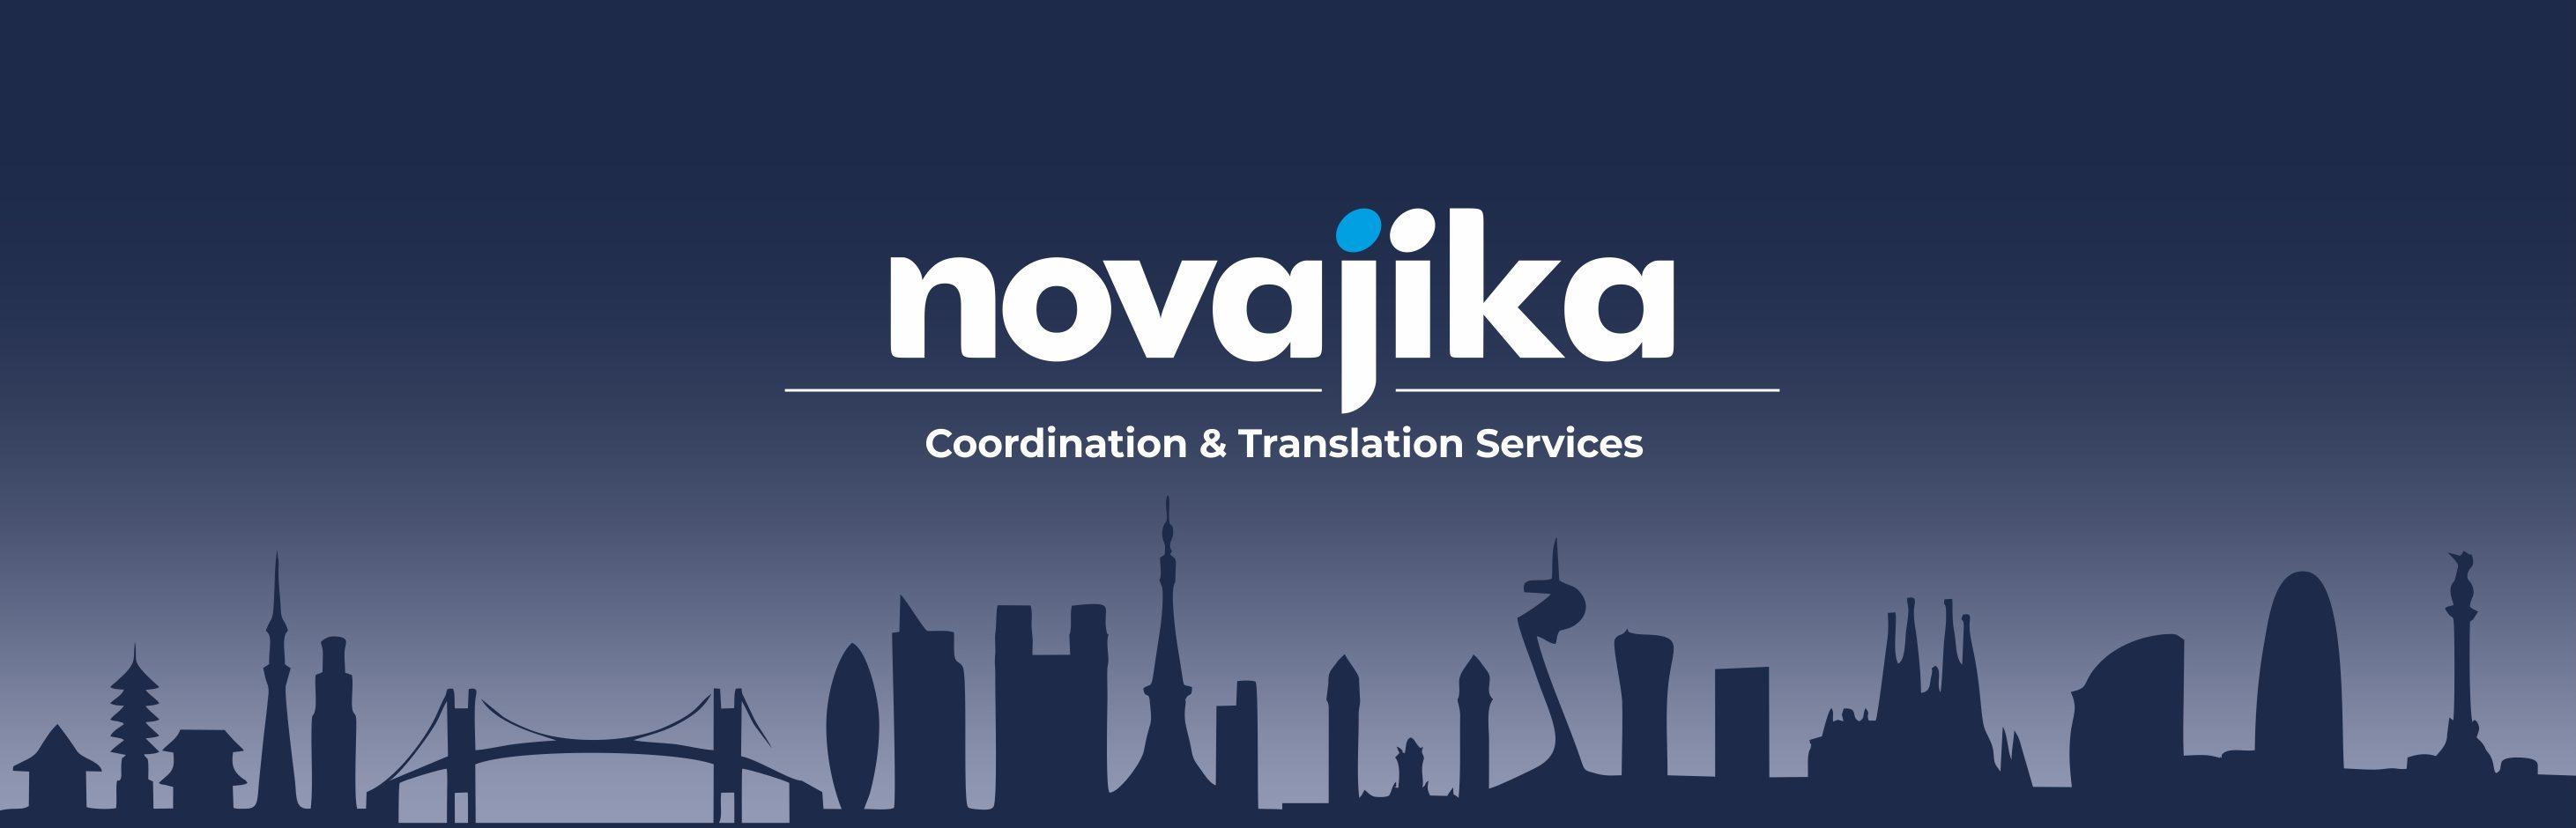 Novajika Services